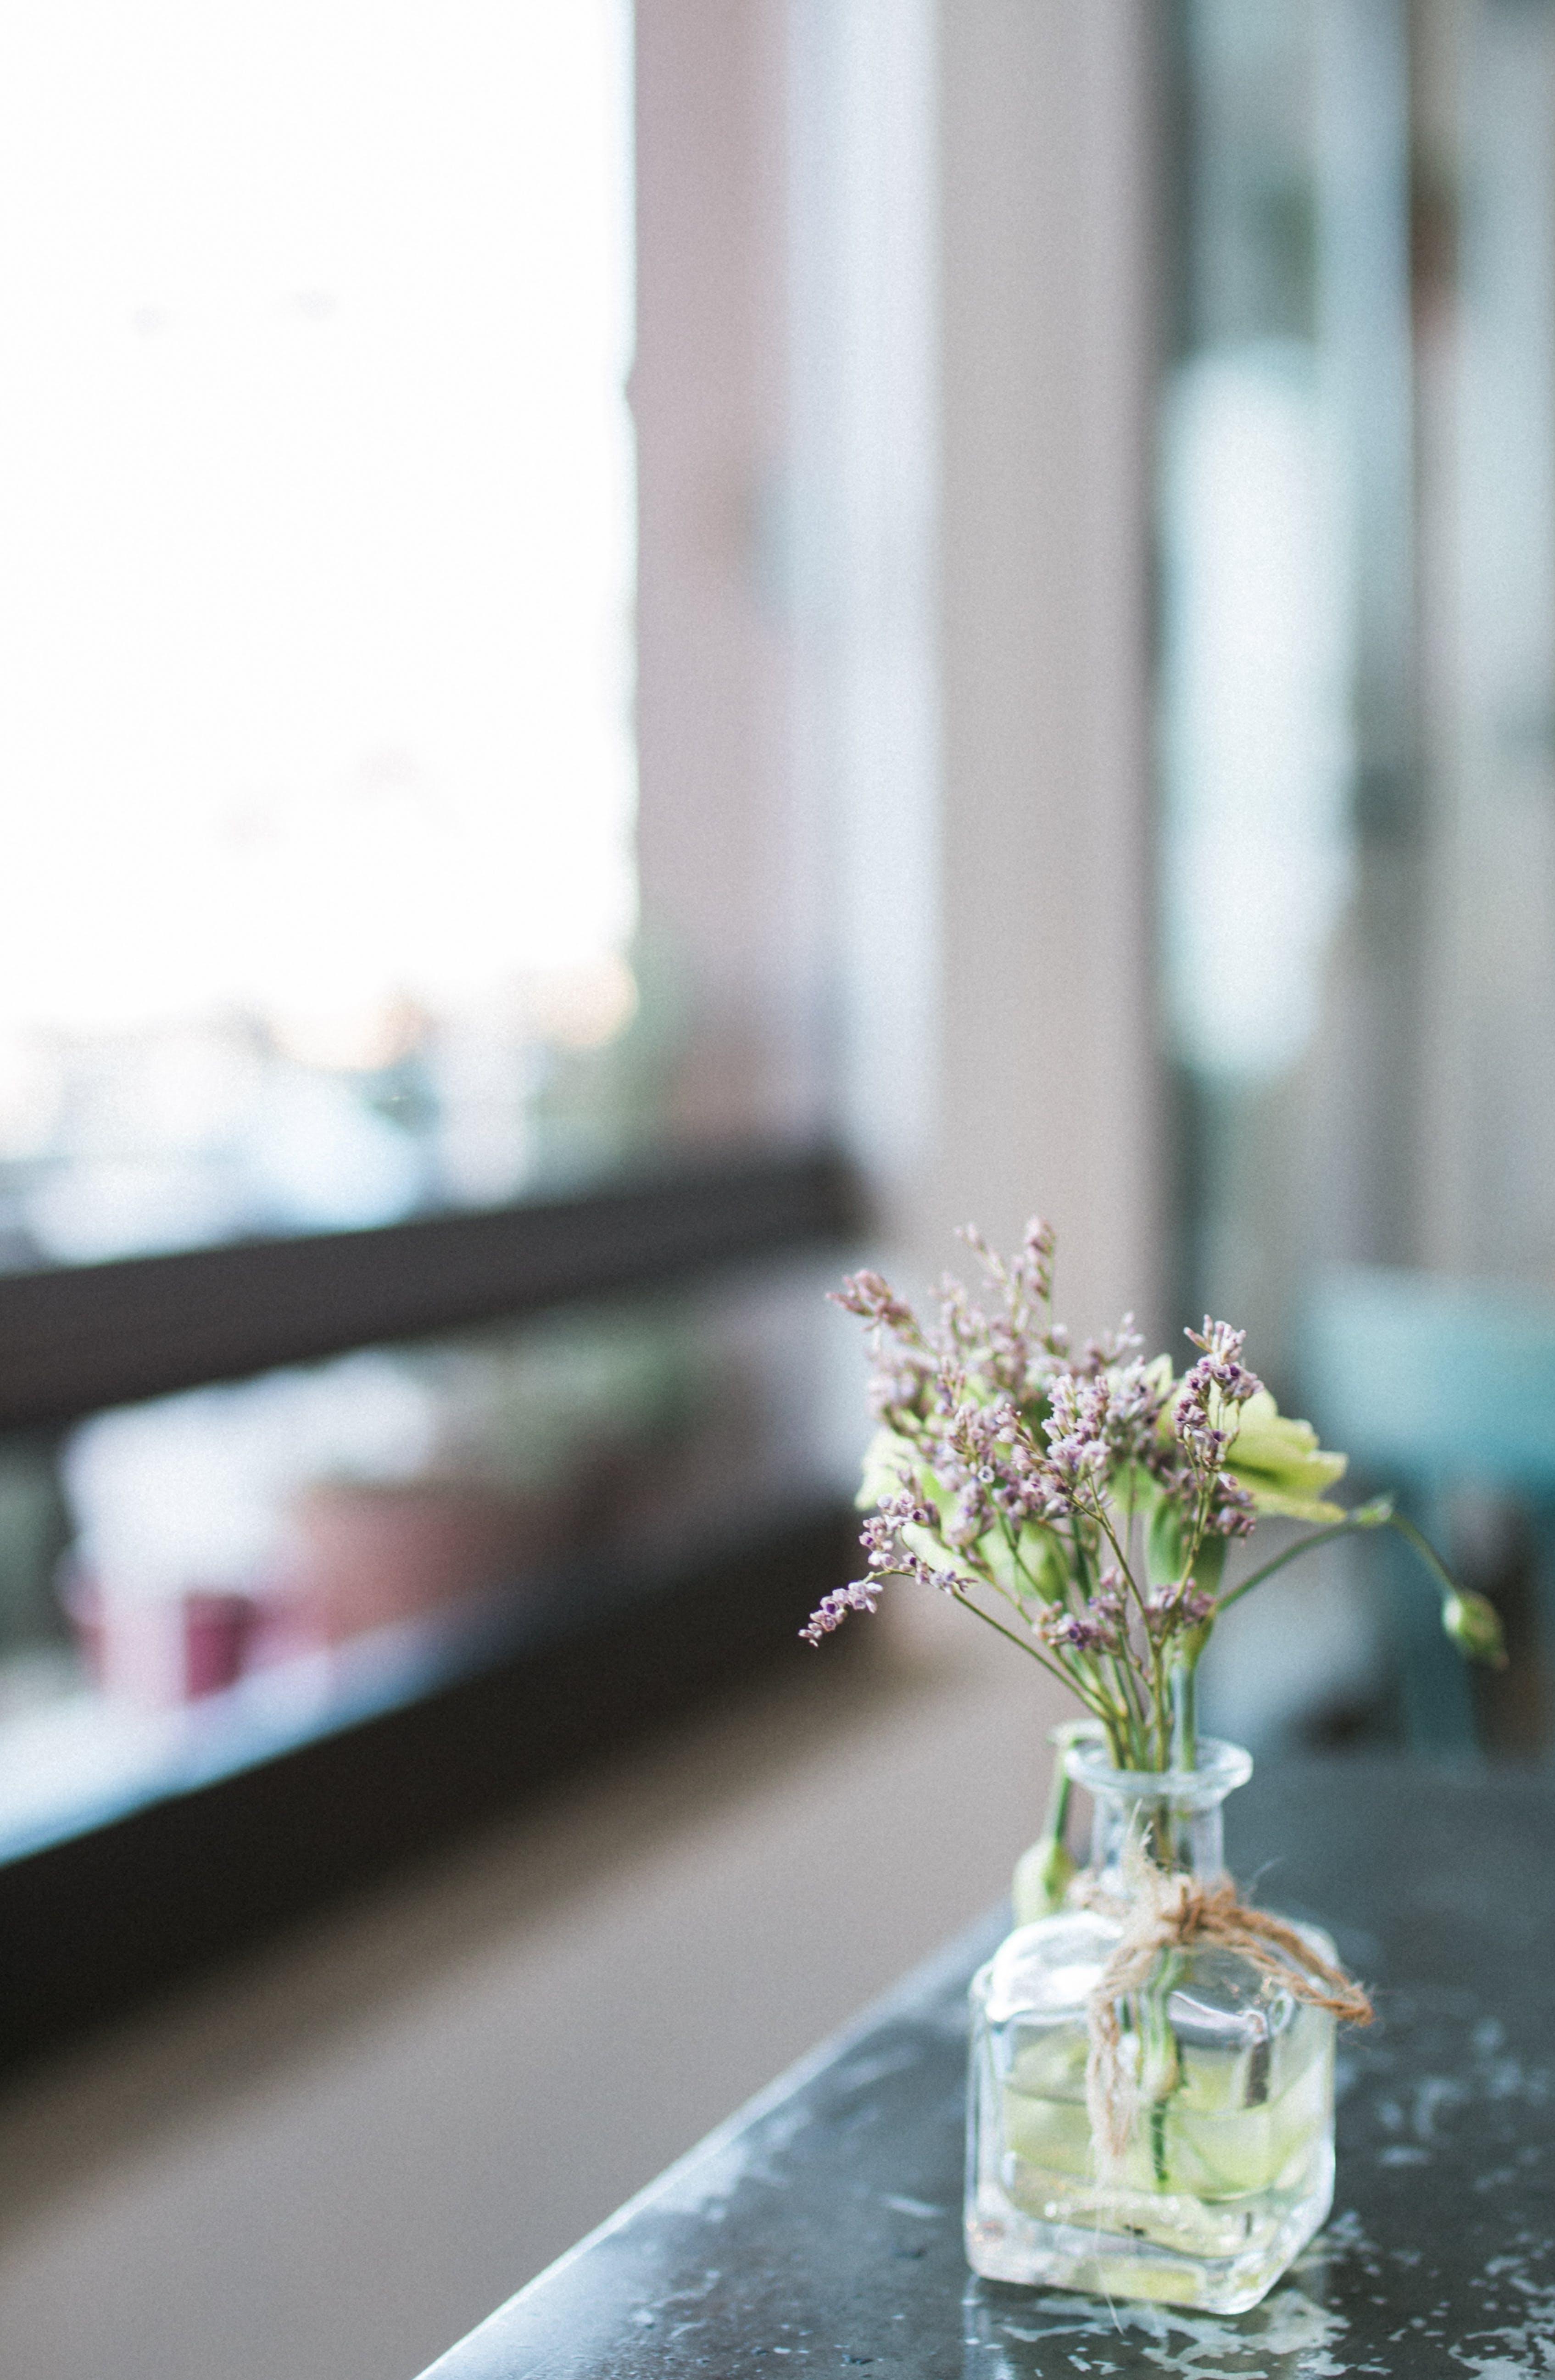 Ilmainen kuvapankkikuva tunnisteilla asetelma, esine, hauras, kasvikunta